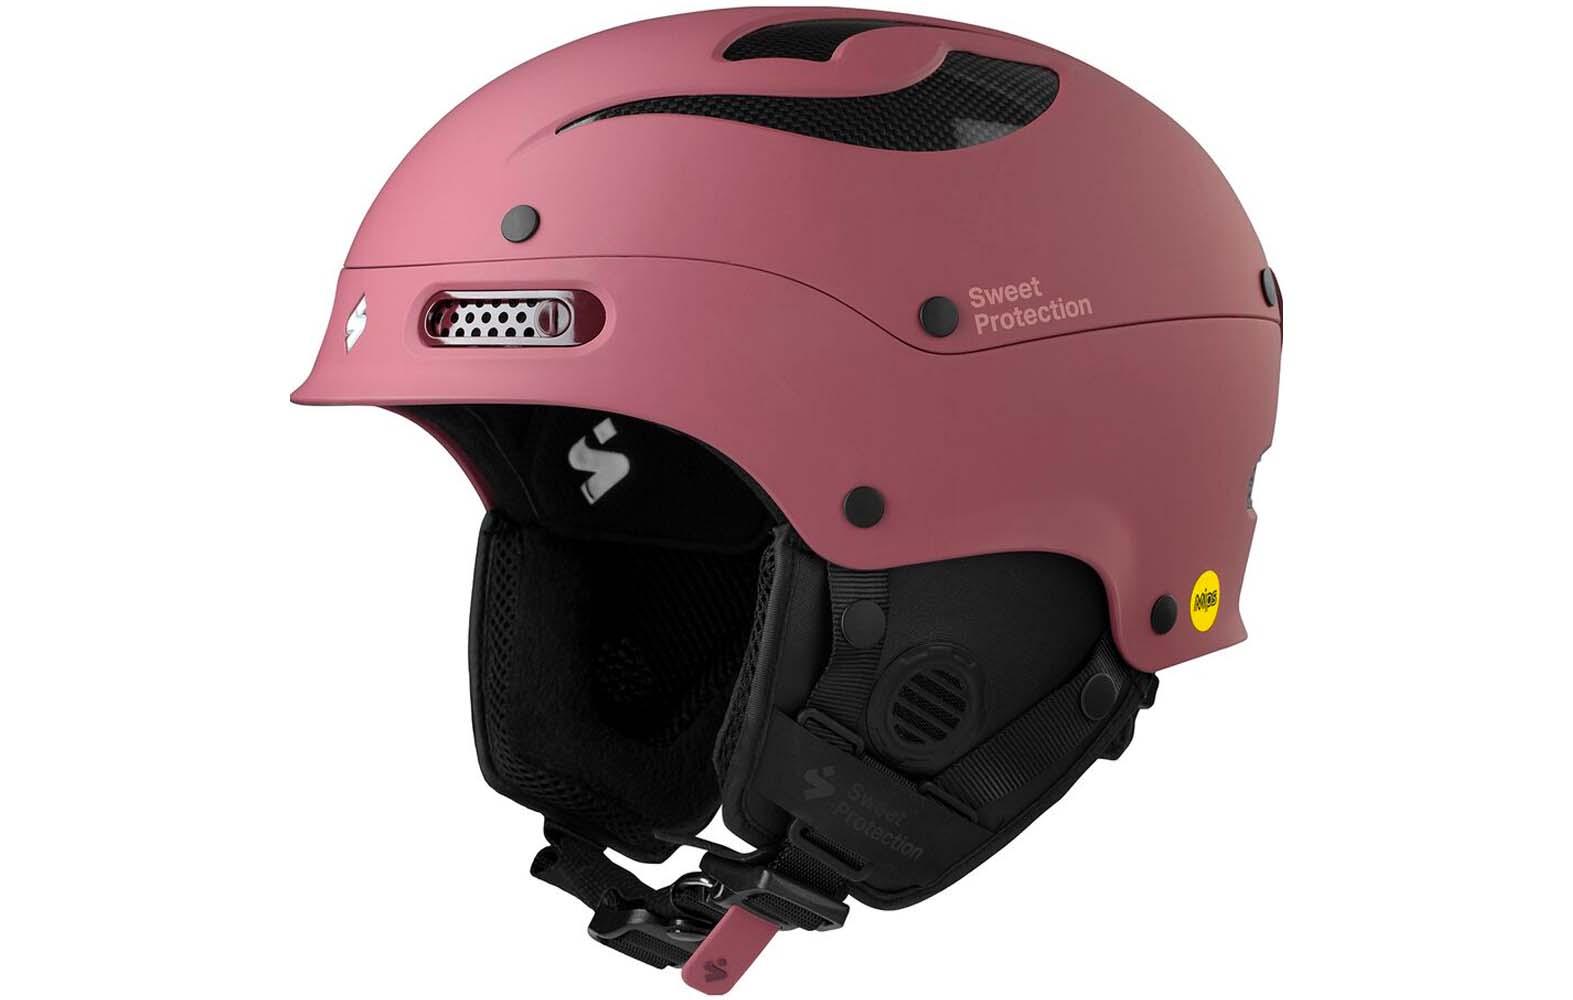 sweet protection trooper 2 mips helmet